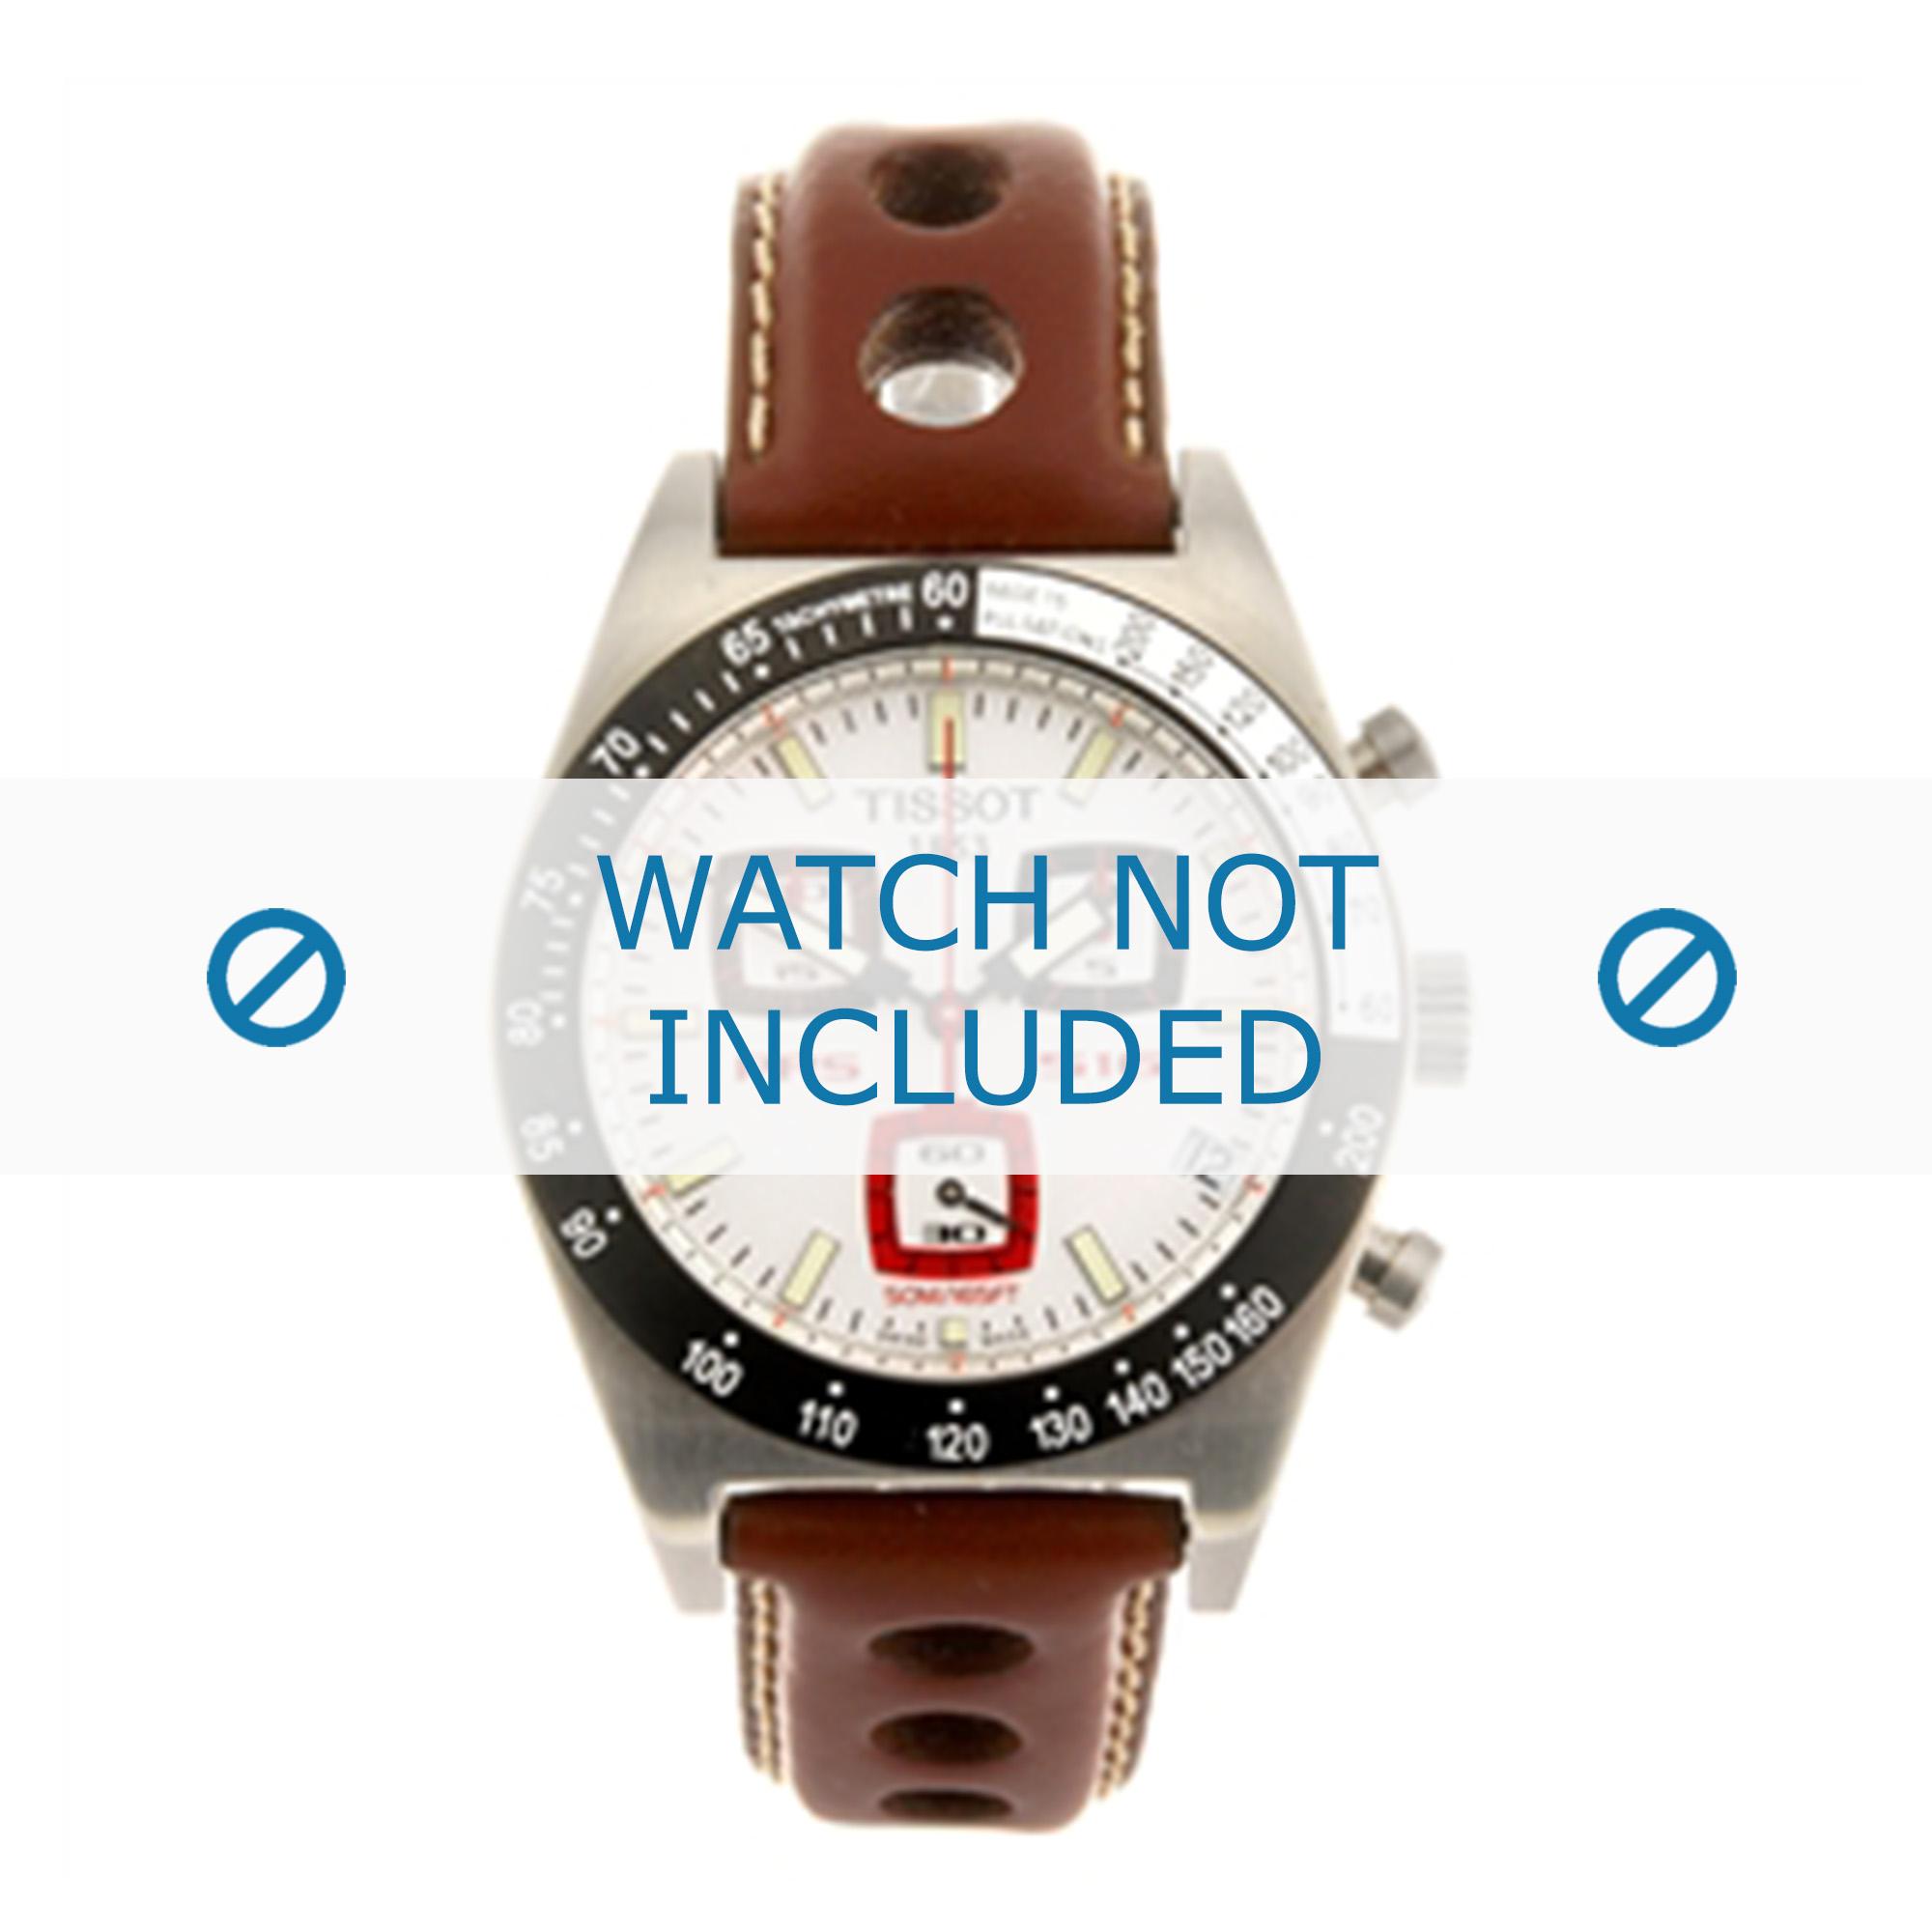 Tissot horlogeband J562-662 - T610014547 Leder Bruin 20mm